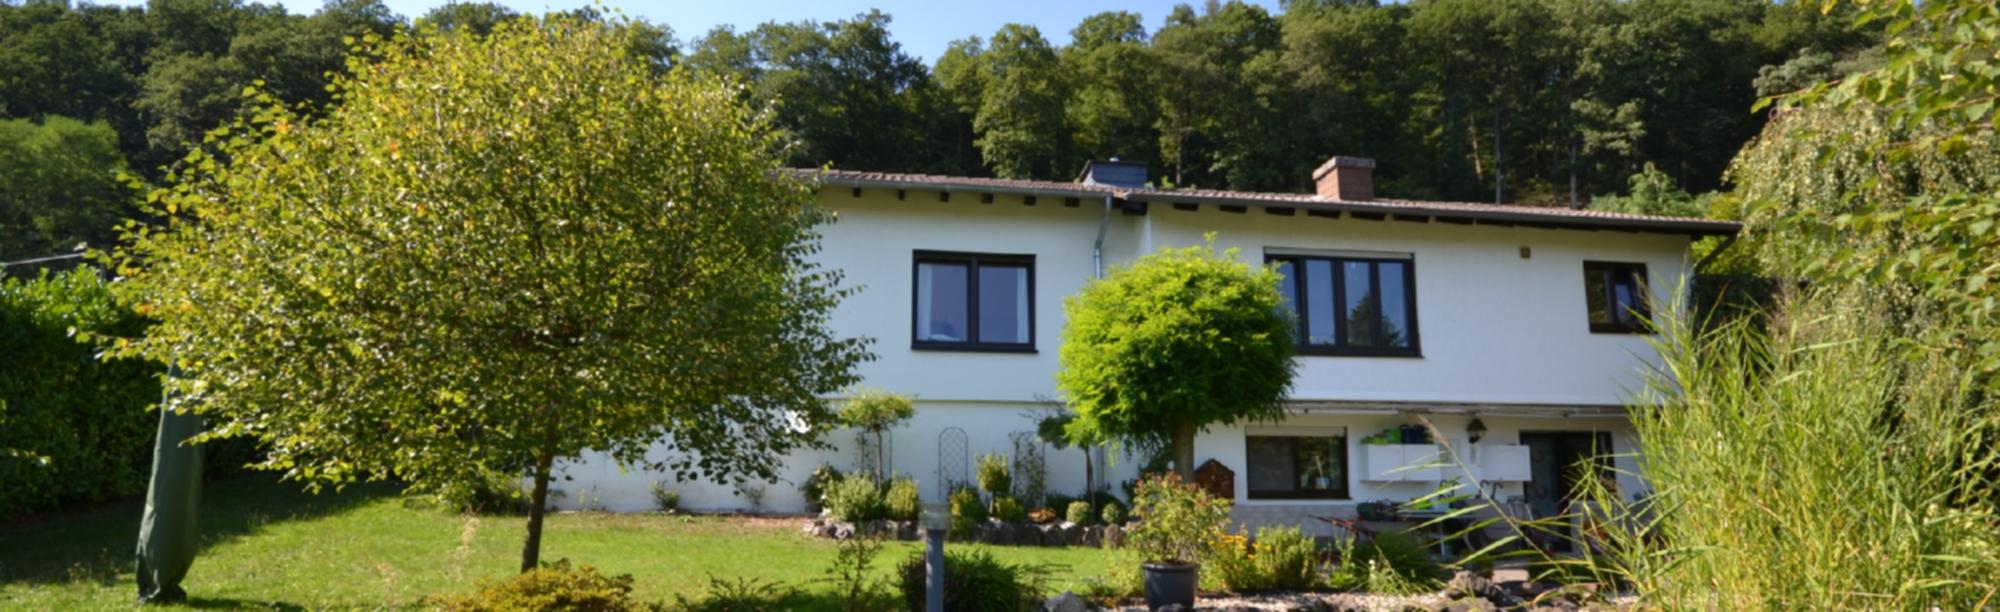 Wittlich/Plein – Einfamilienhaus in absolut ruhiger Lage